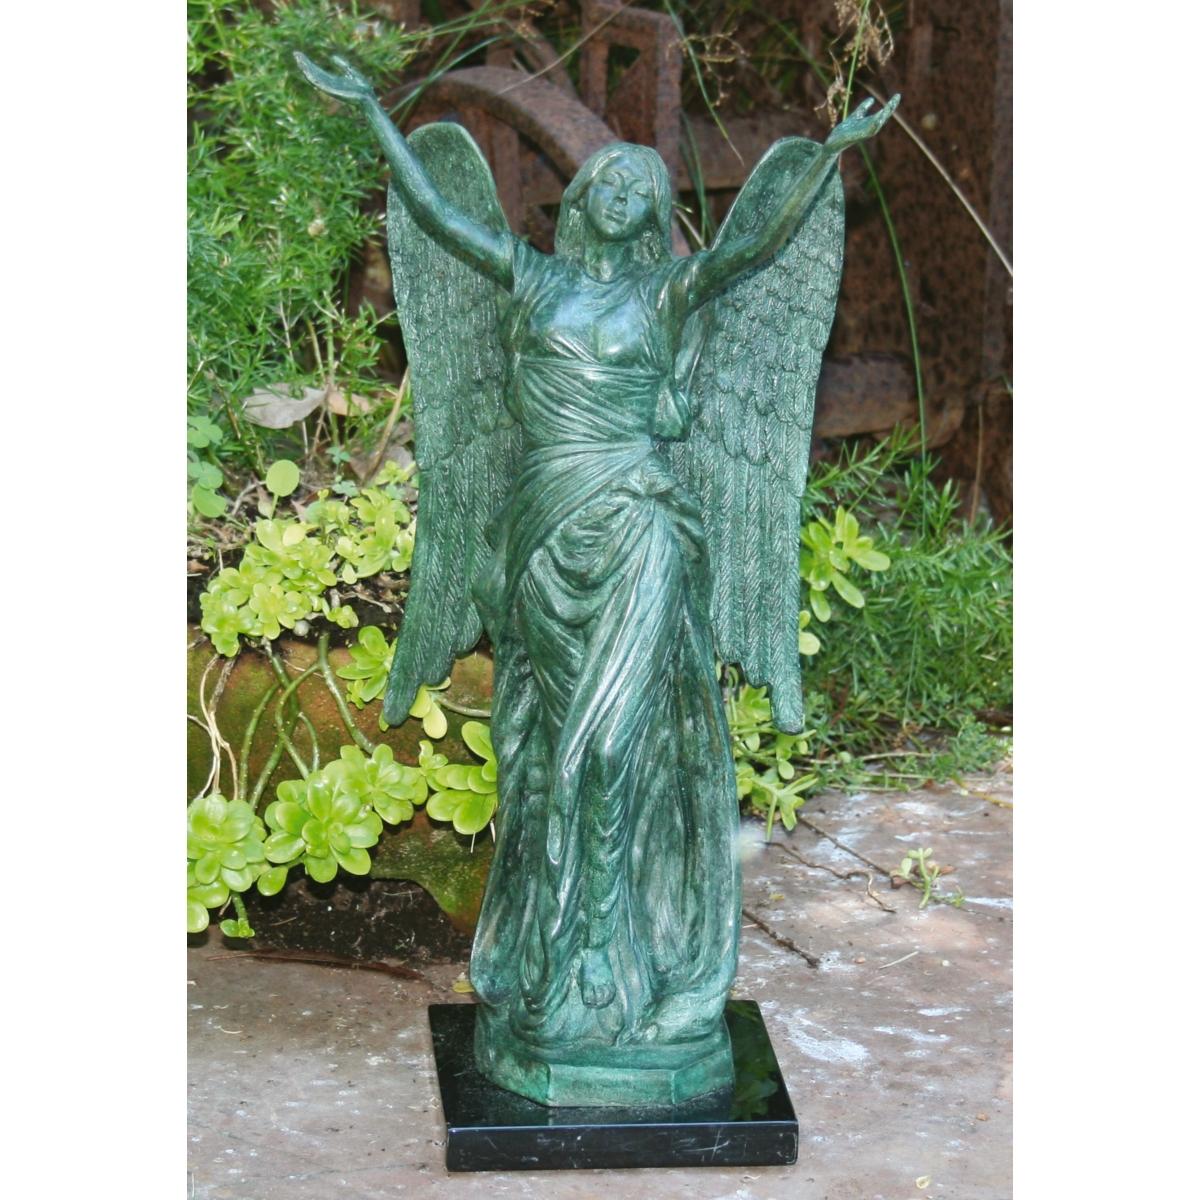 Bronze garden statues quotes - Angel statue for garden ...